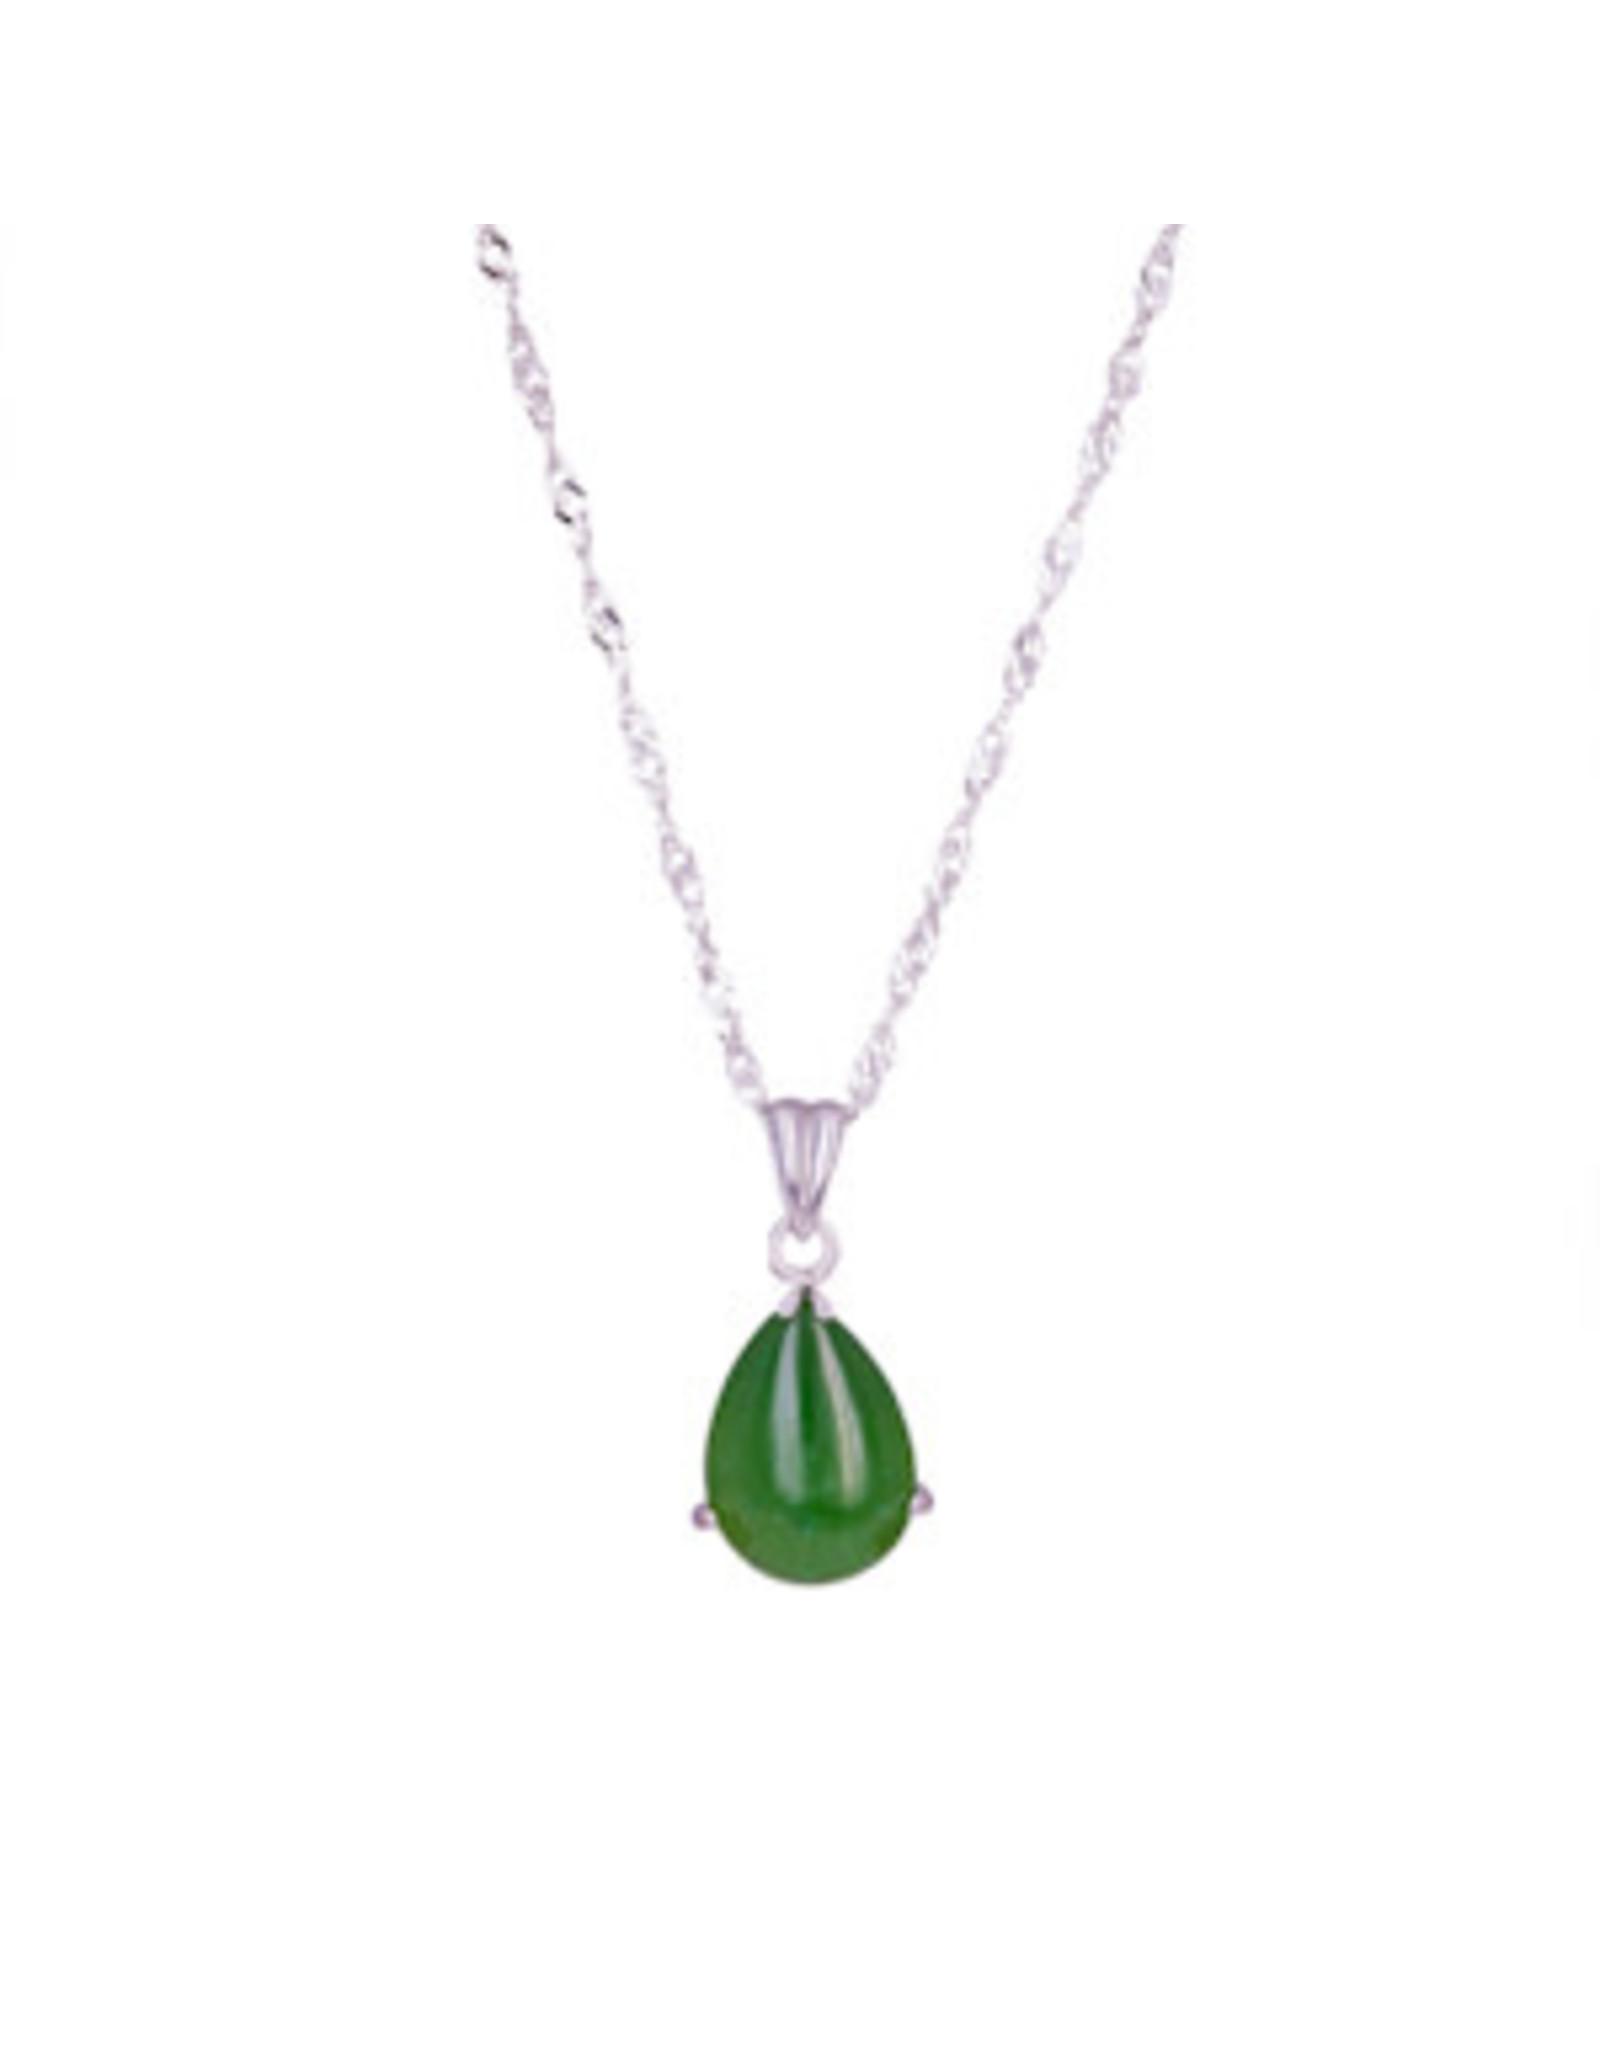 Jade Necklace - JPS45